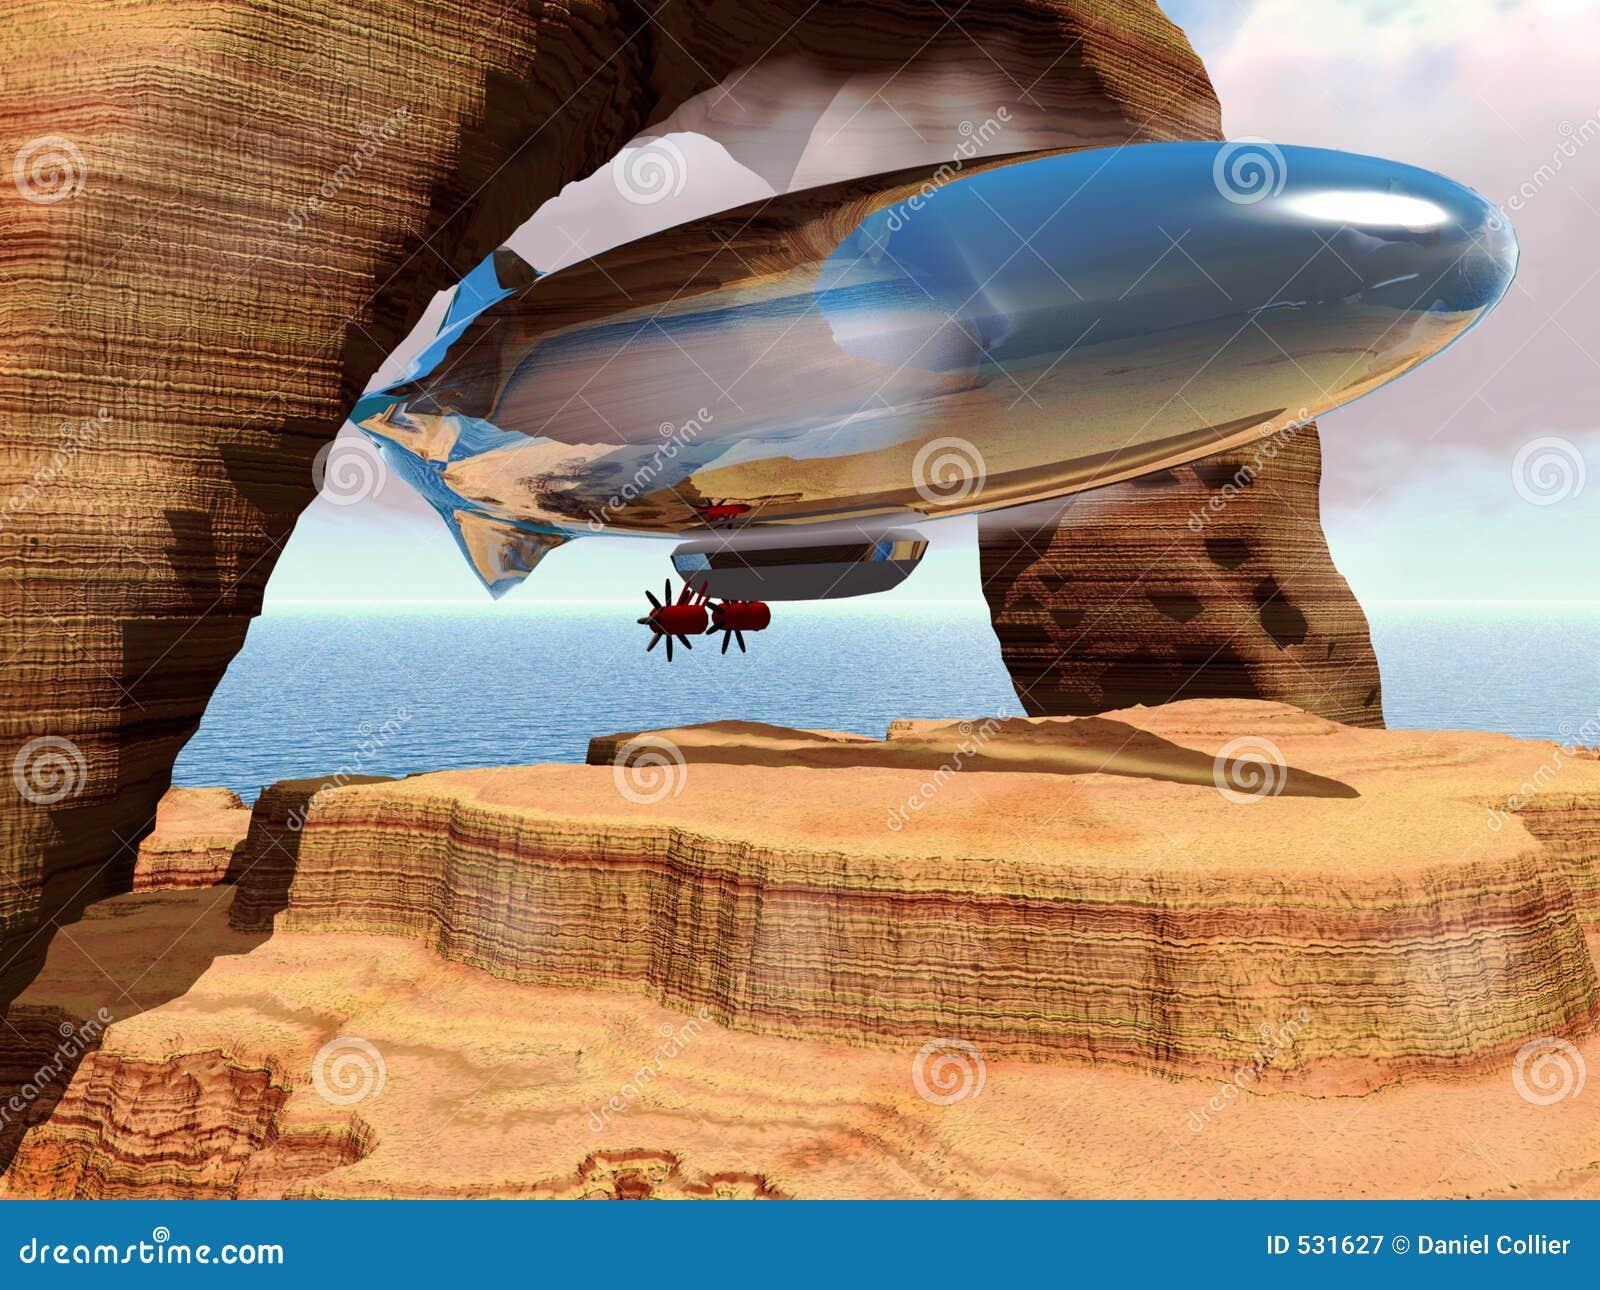 Download 抽象策帕林飞艇 库存例证. 插画 包括有 策帕林飞艇, 温暖, 飞船, 图象, 云彩, 浮动, 不可能, 航空 - 531627